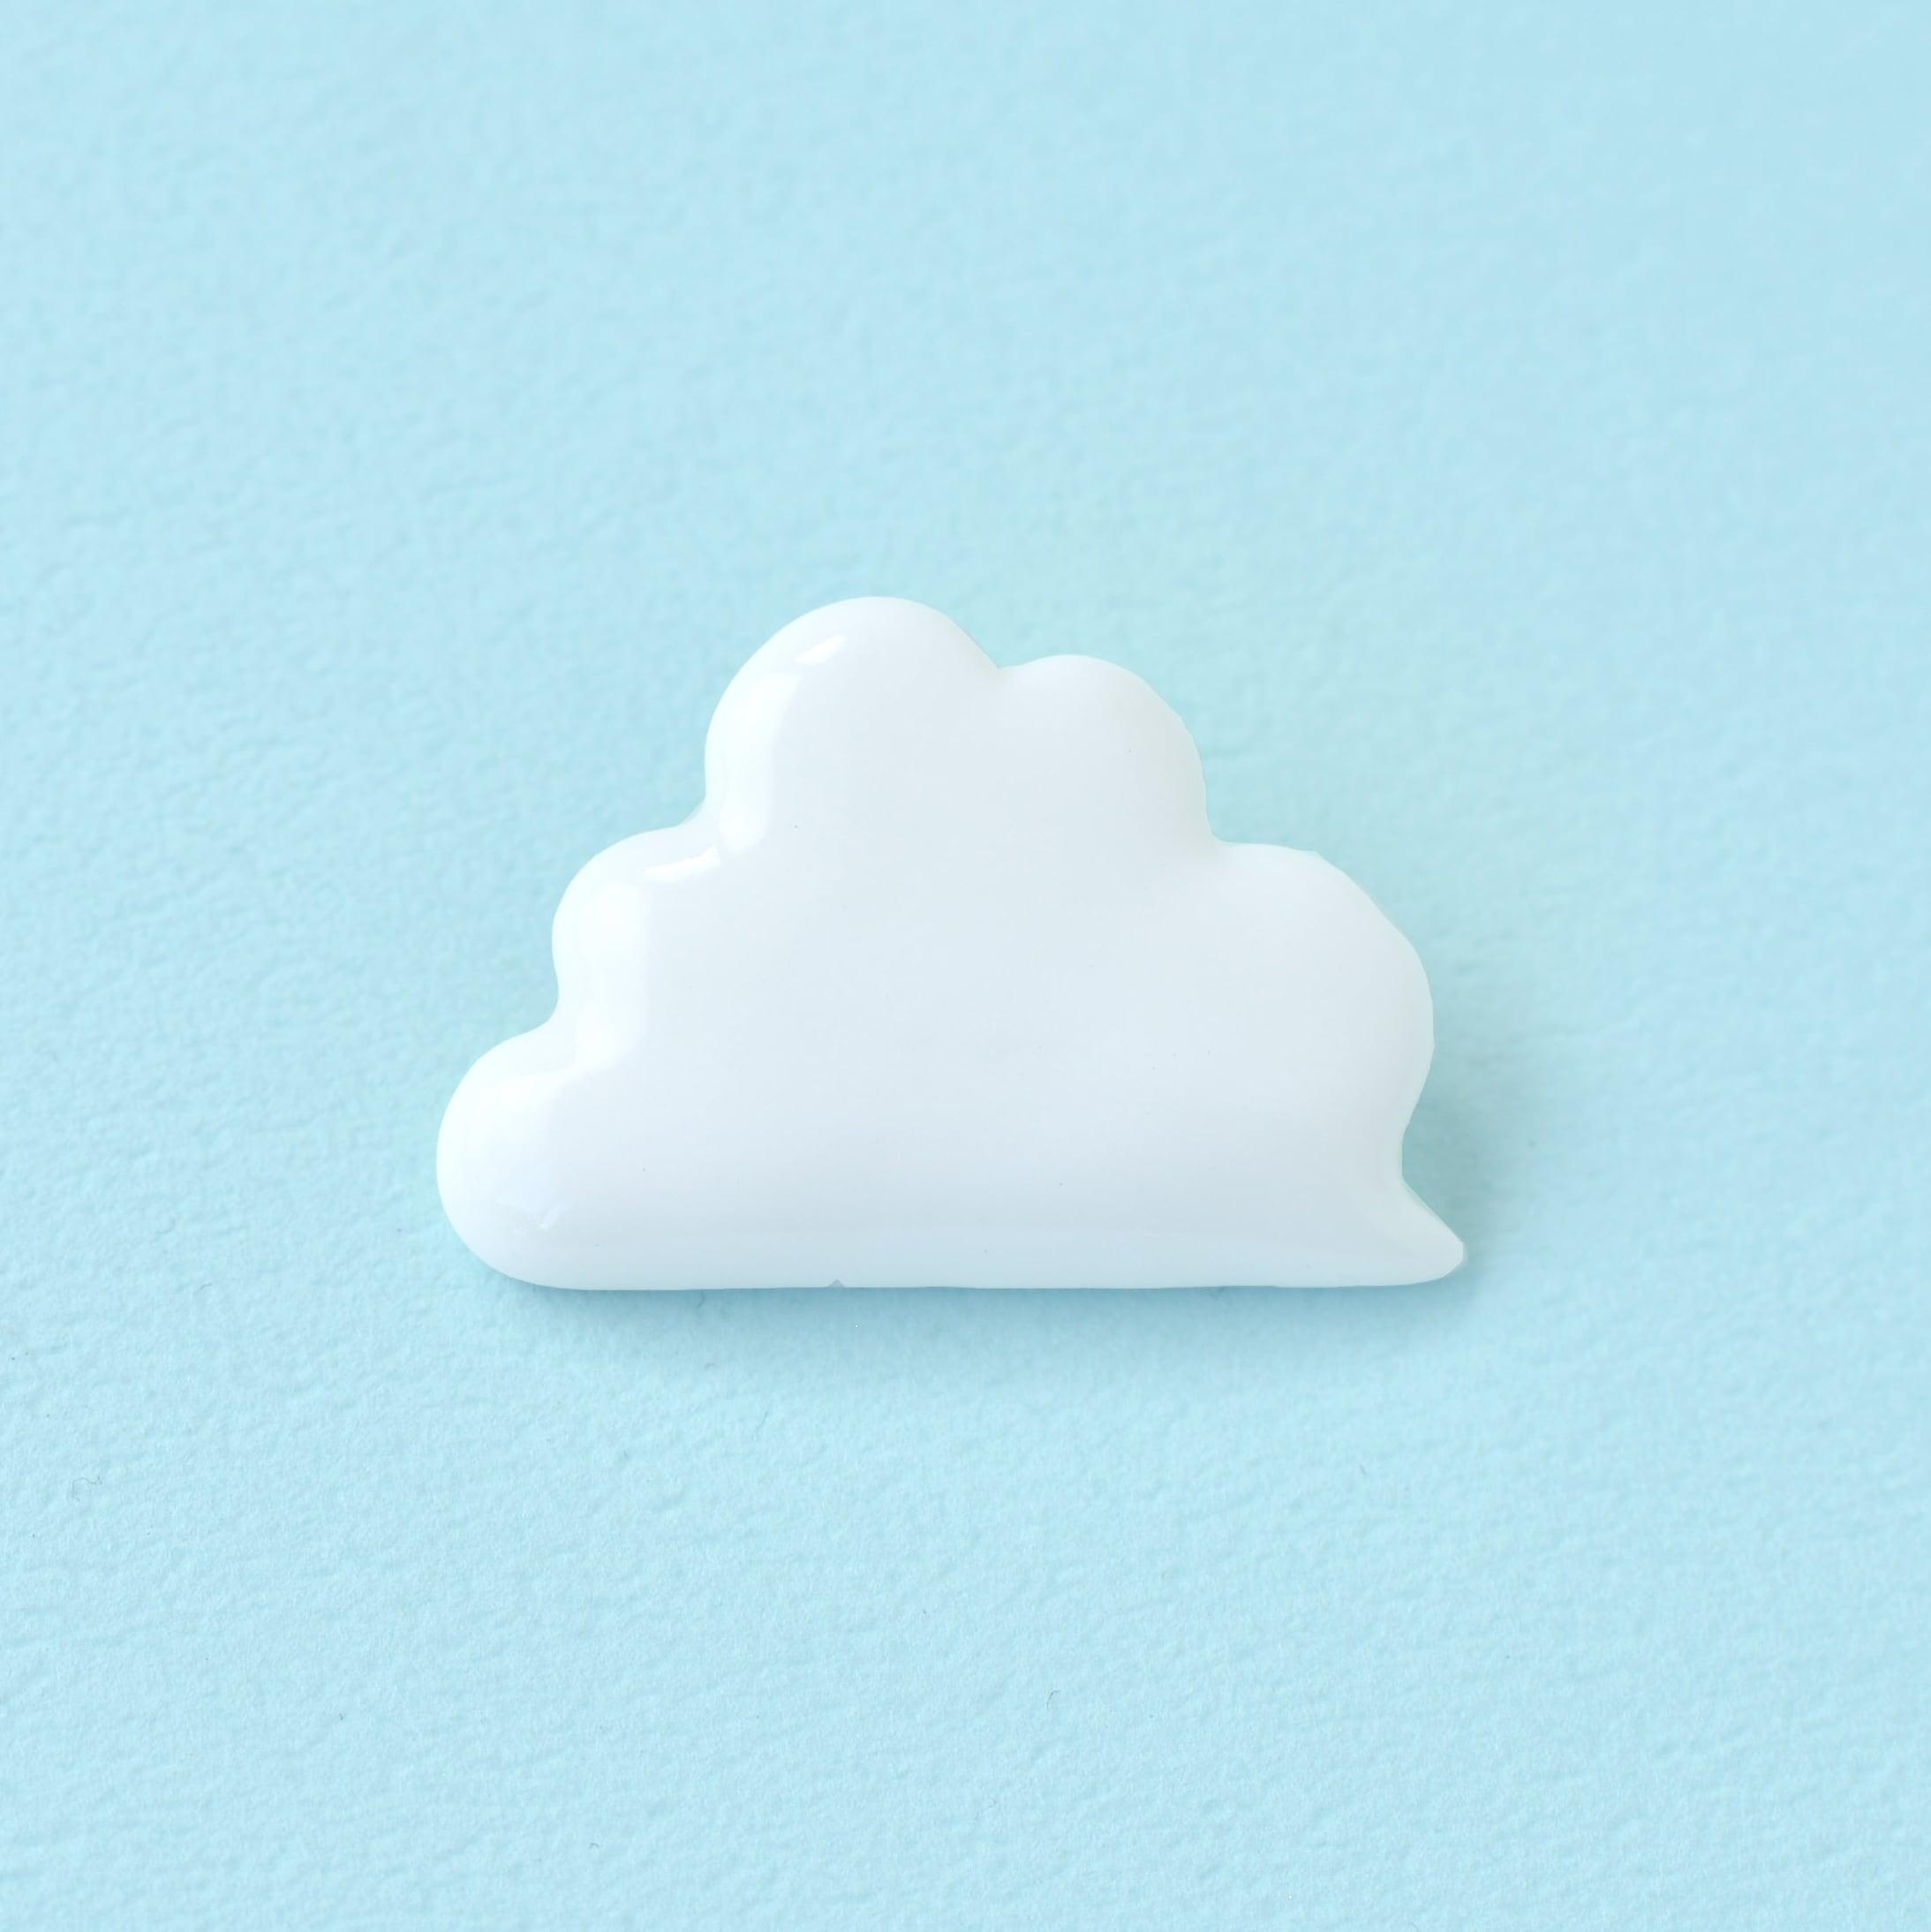 白磁の雲ブローチ